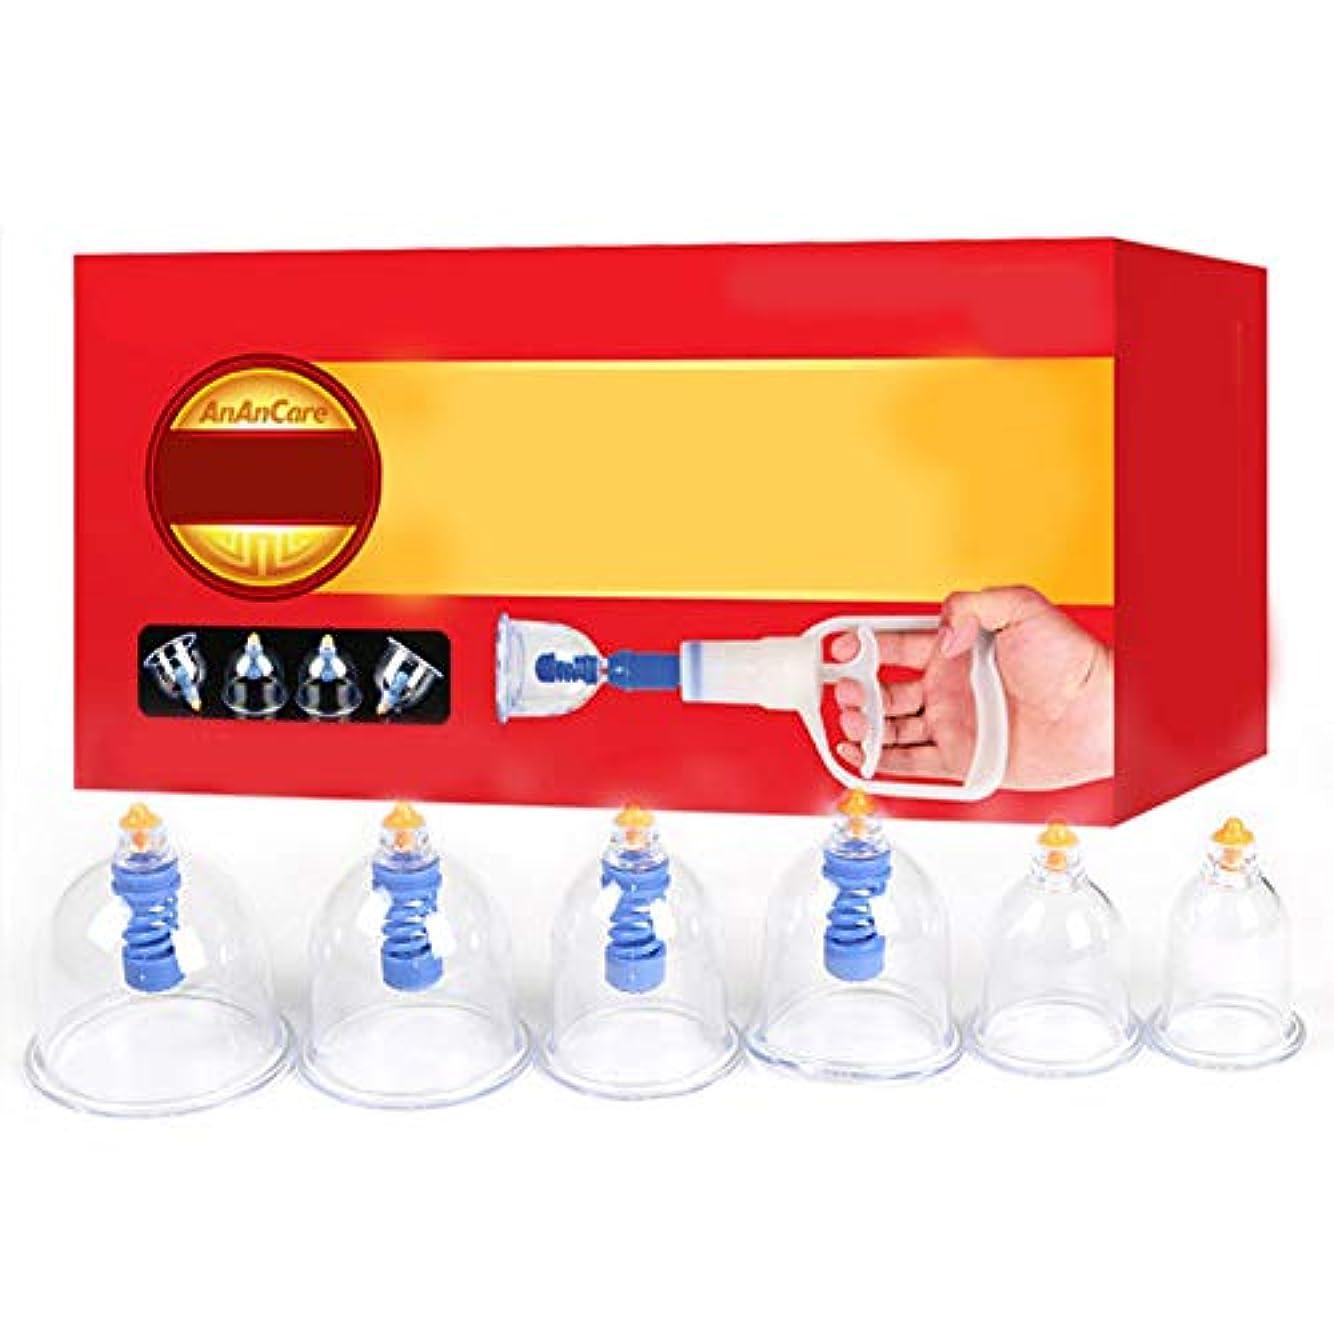 分離する省欲望6カップマッサージカッピングセット、真空吸引式中国式ツボ療法、在宅医療、女性と男性用、ポンプガンによるストレスと筋肉の緩和